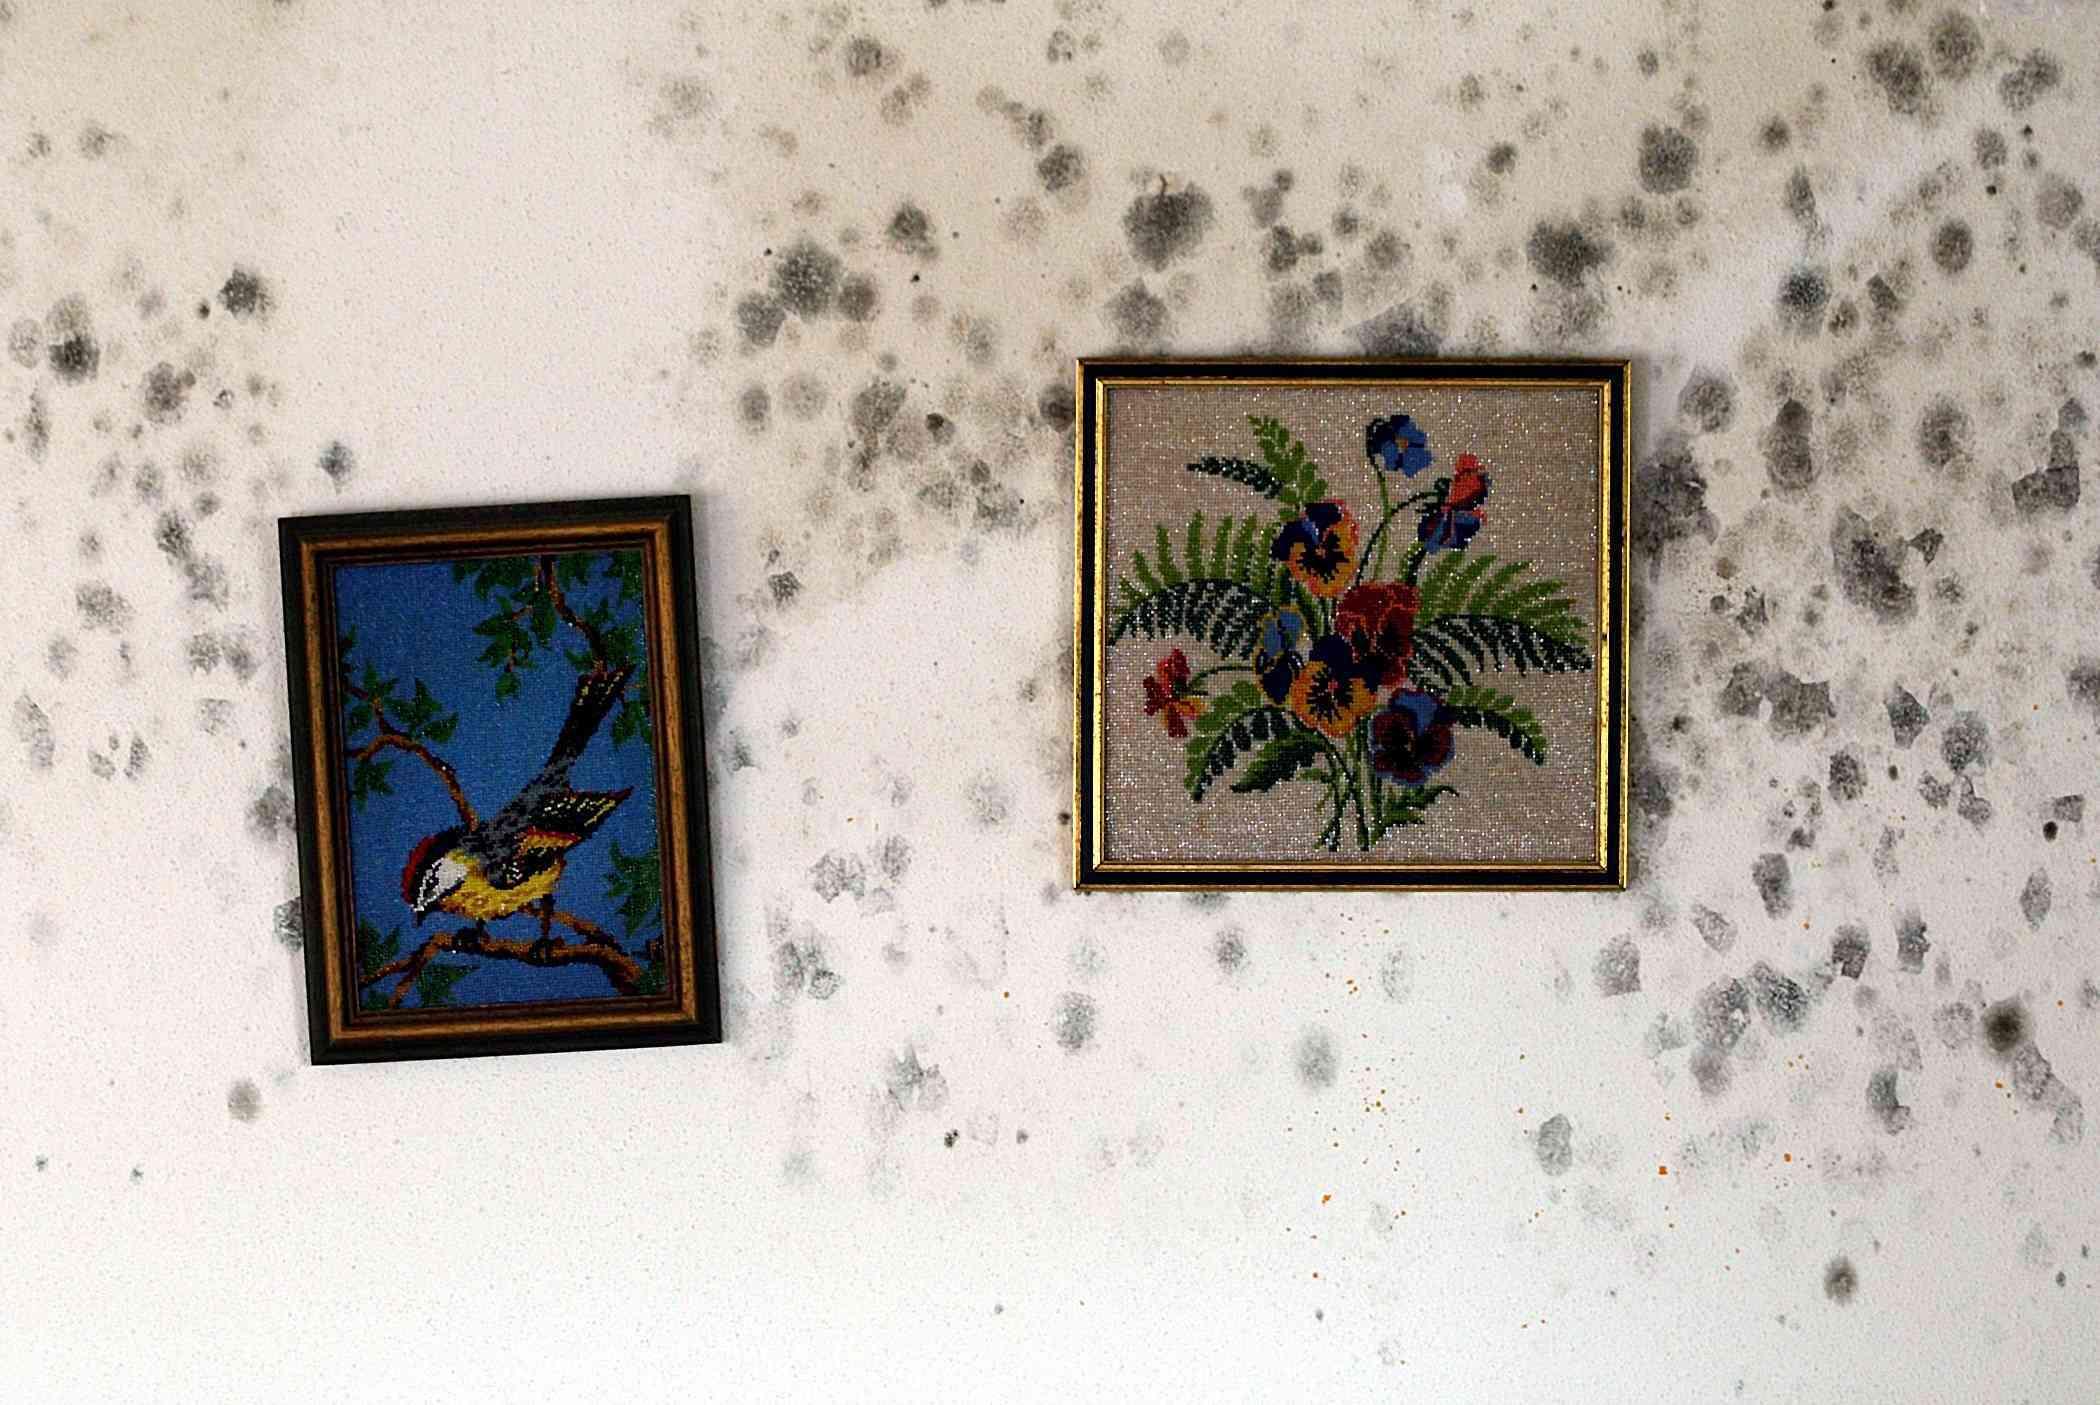 C mo limpiar el moho de las paredes - Como limpiar paredes pintadas ...